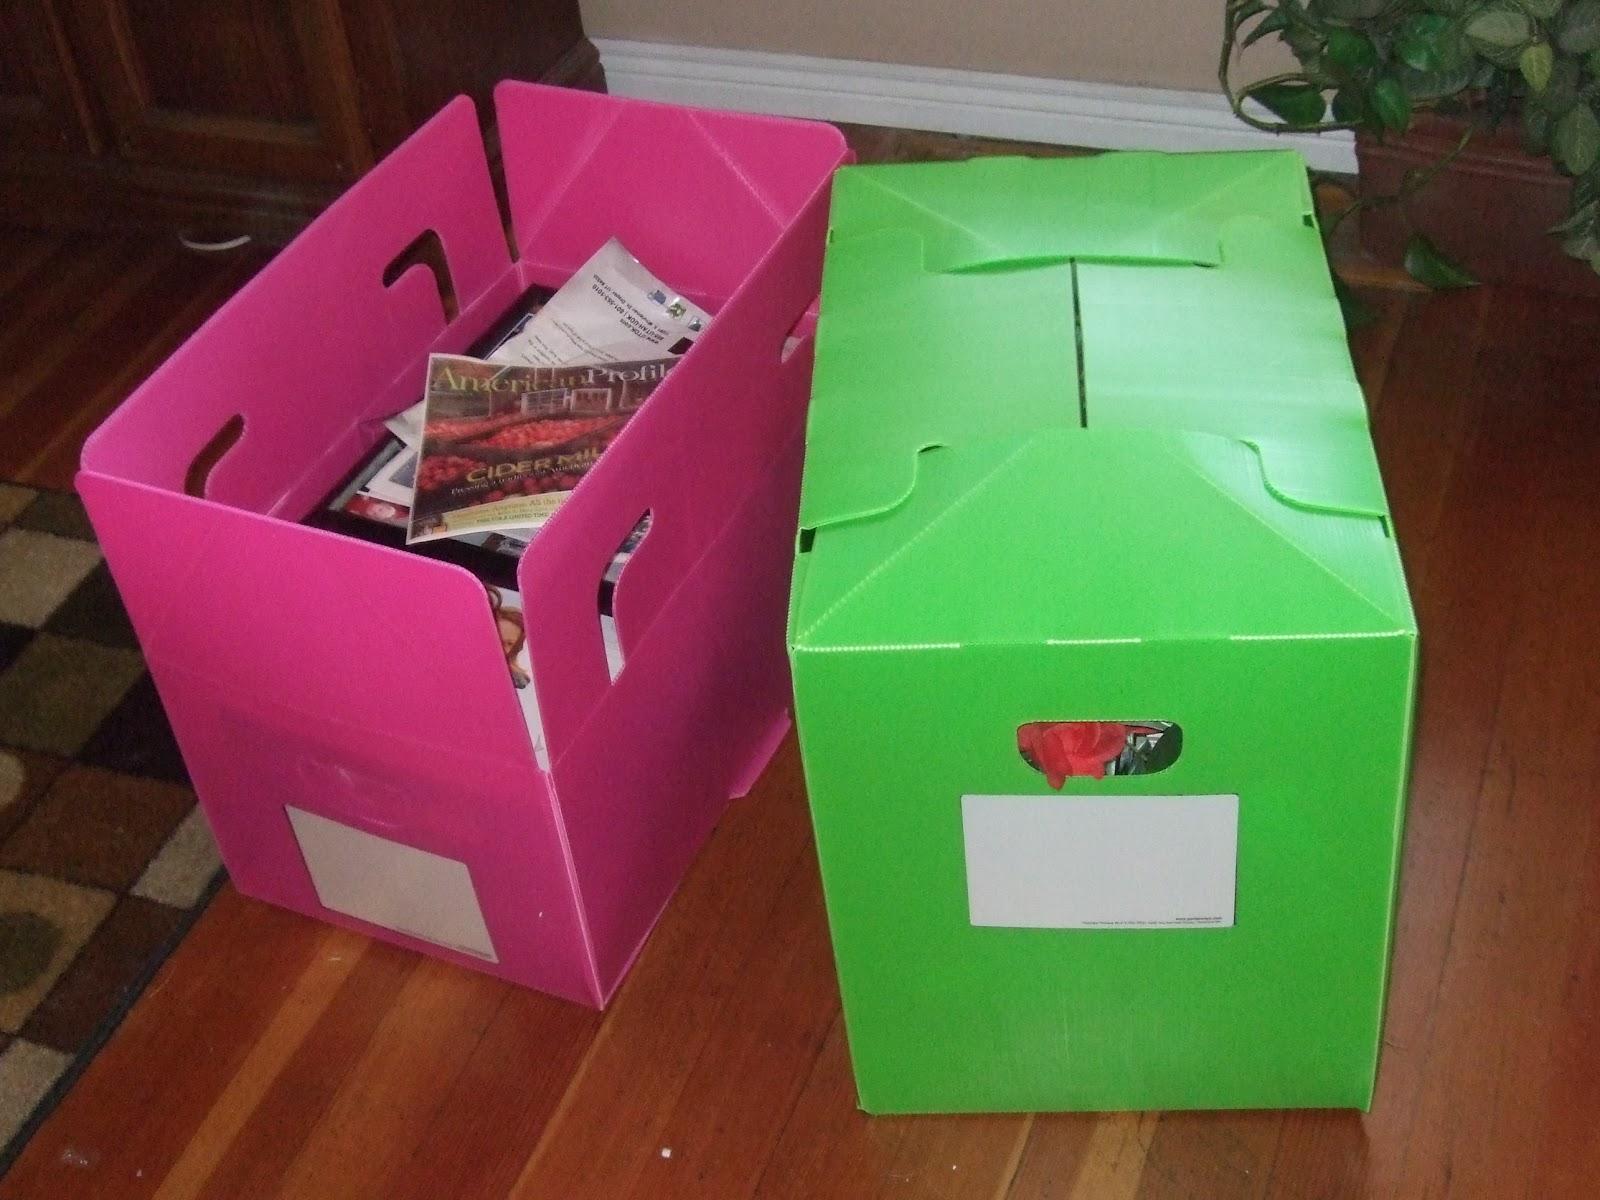 Brookie S Baby Bargains Packaways Reusable Storage Box